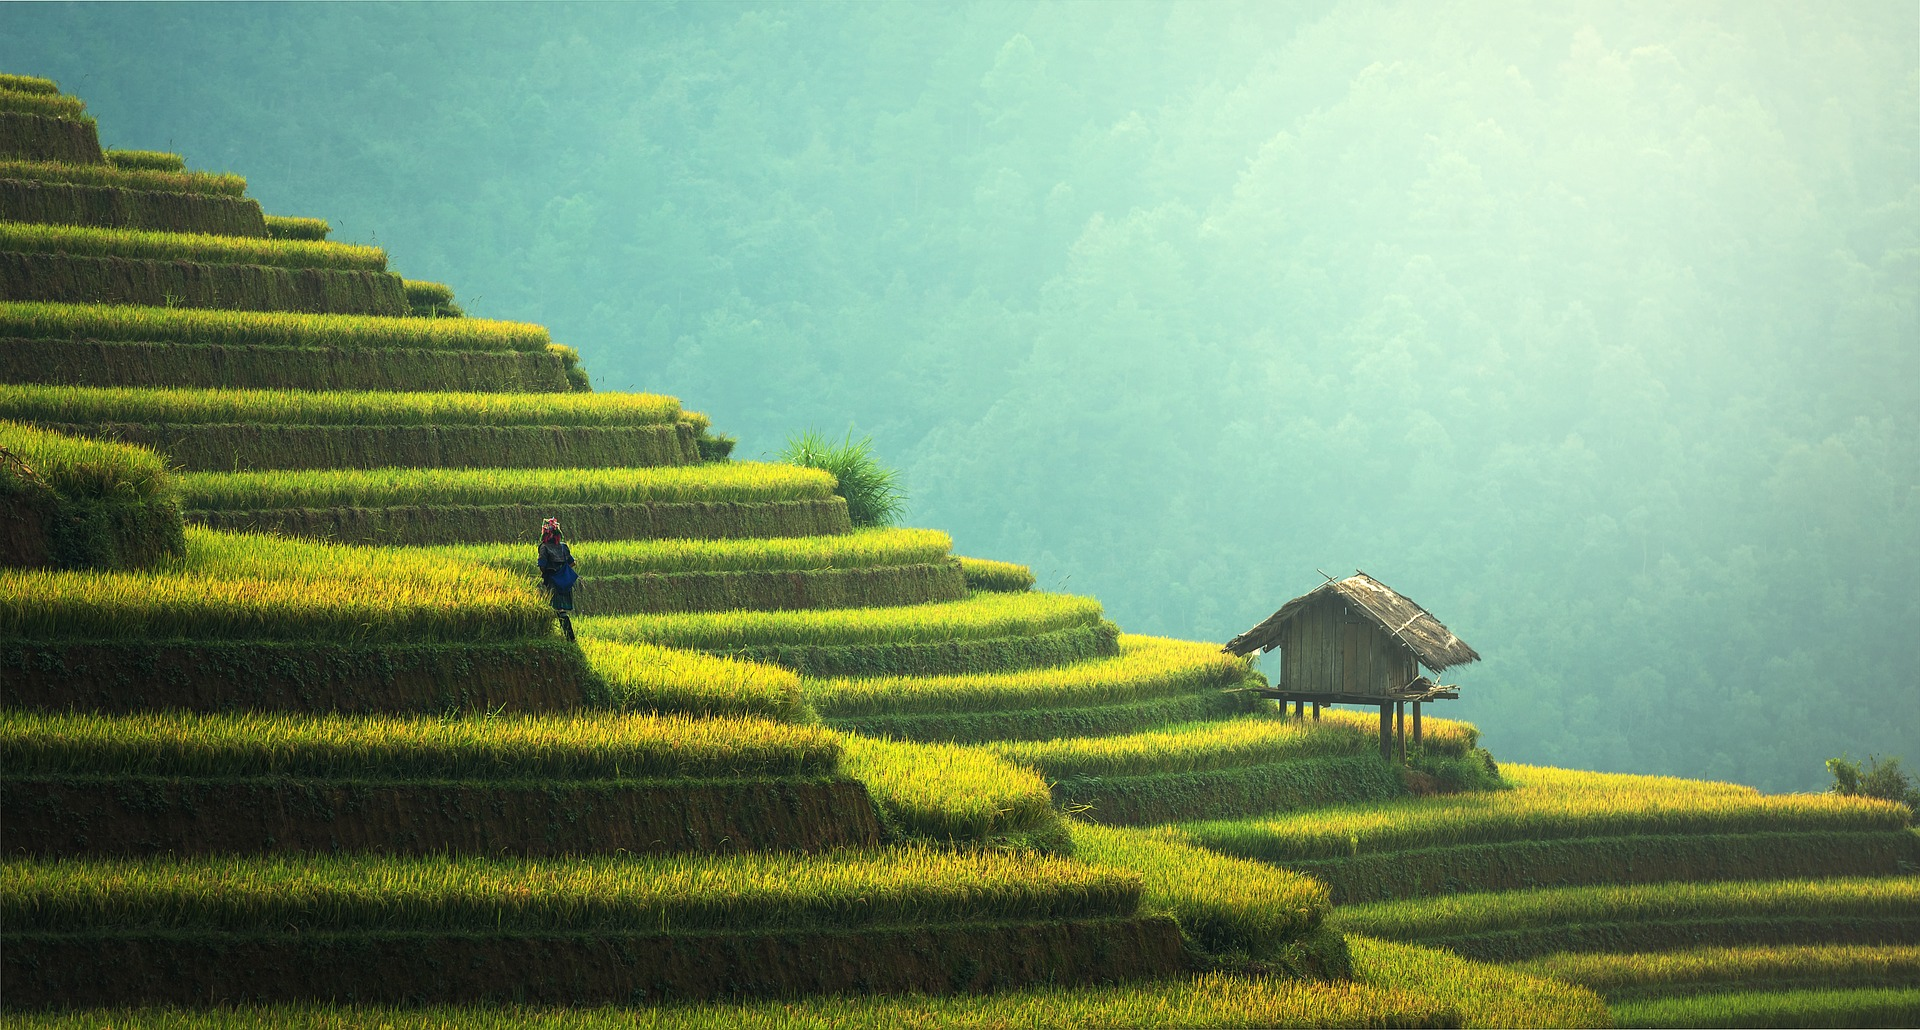 Bali_CC0.jpg?1545474116